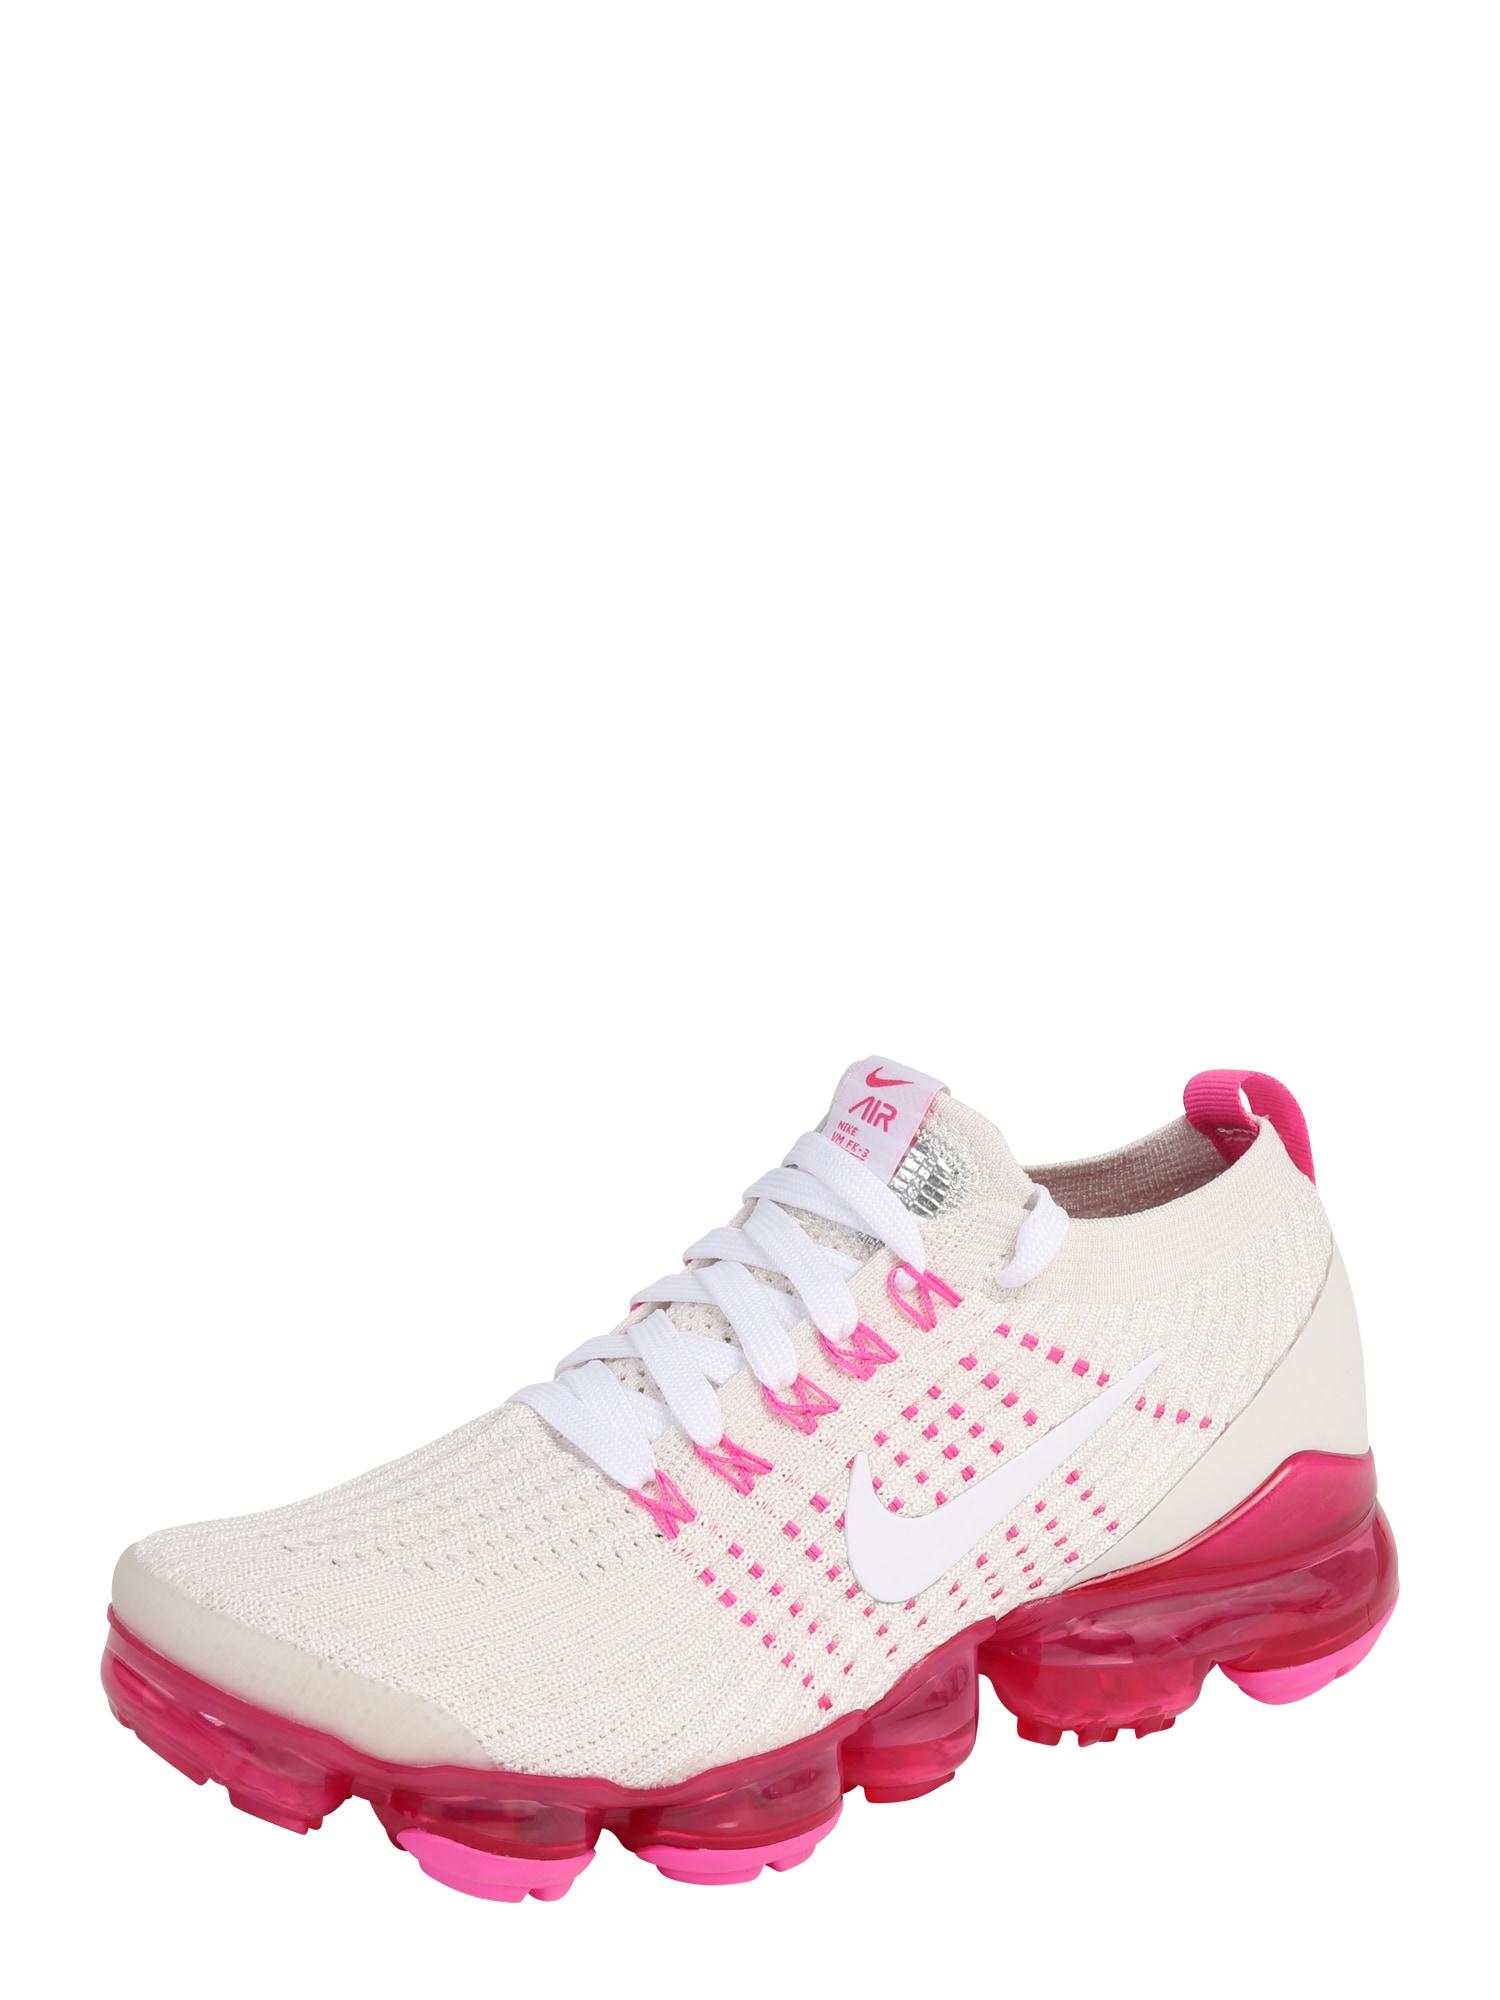 Sportovní boty béžová pink bílá NIKE